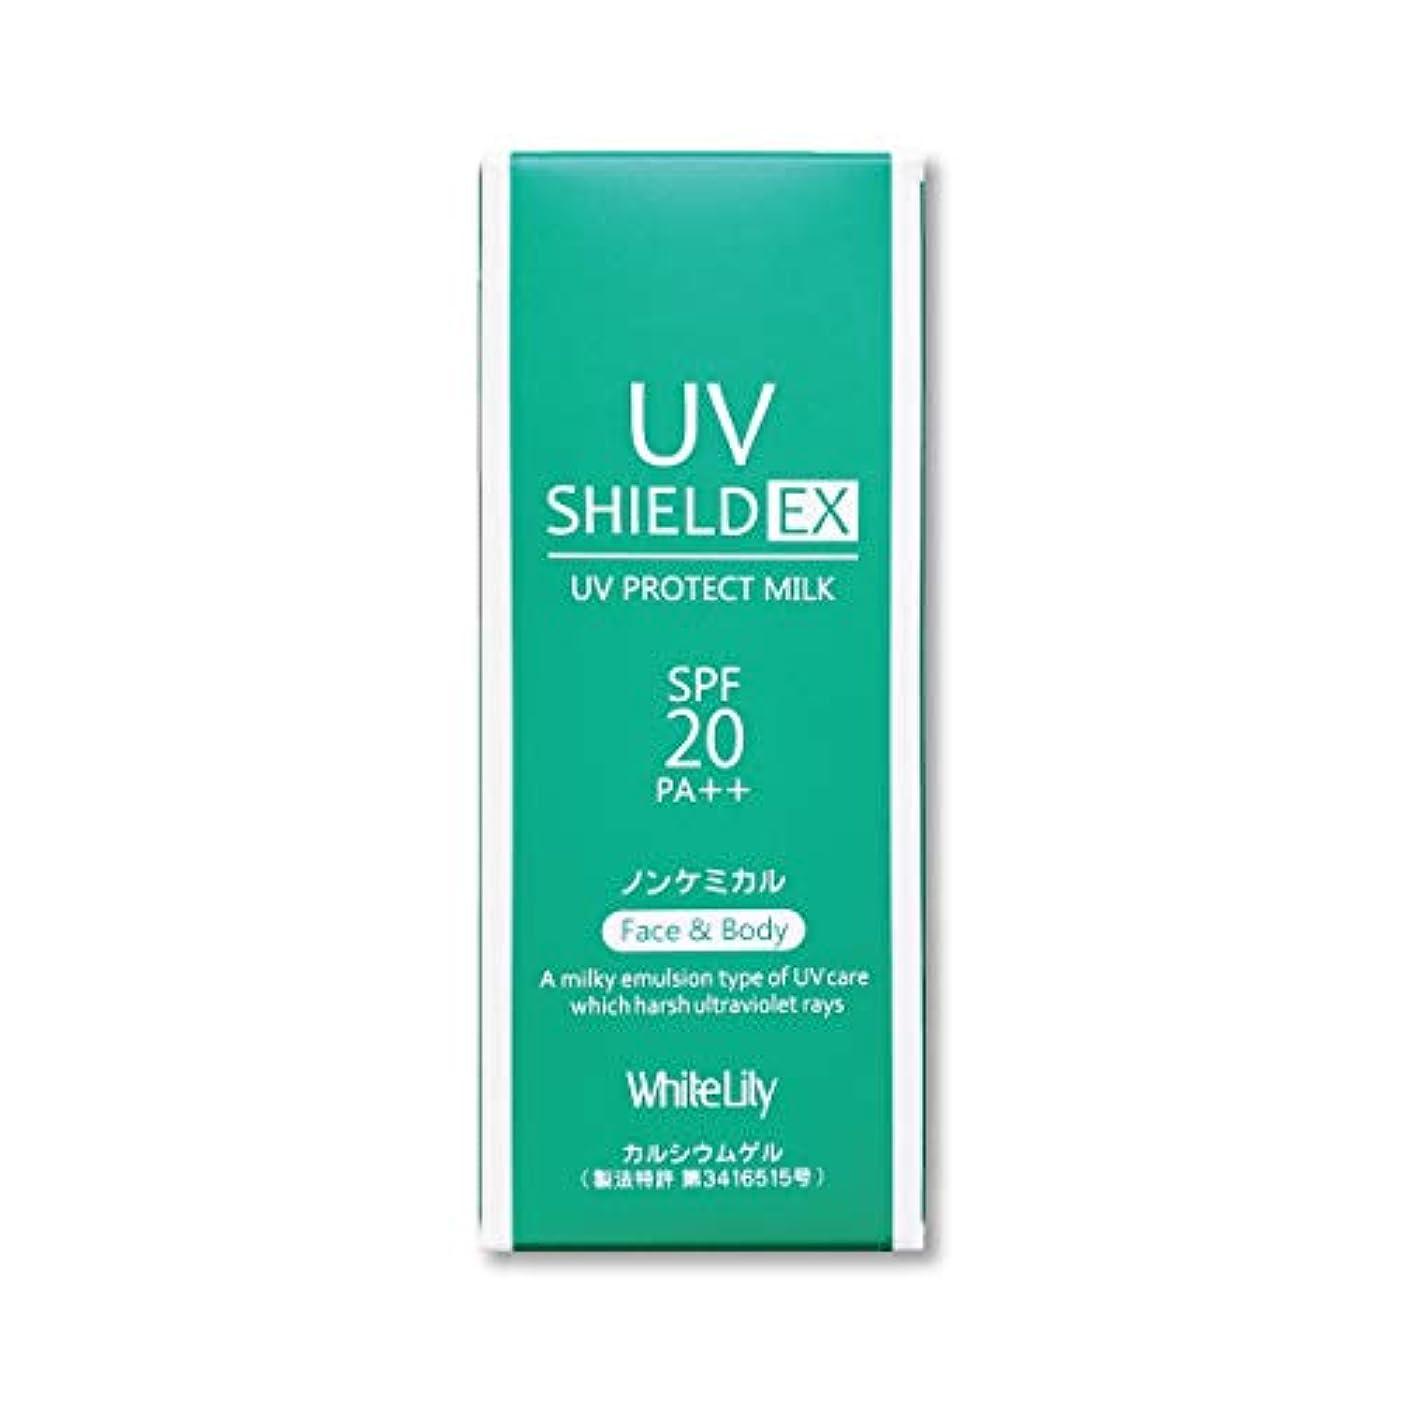 浴室日常的に葉を拾うホワイトリリー UVシールド EX 敏感肌用日焼け止め乳液 SPF20 PA++ 50mL